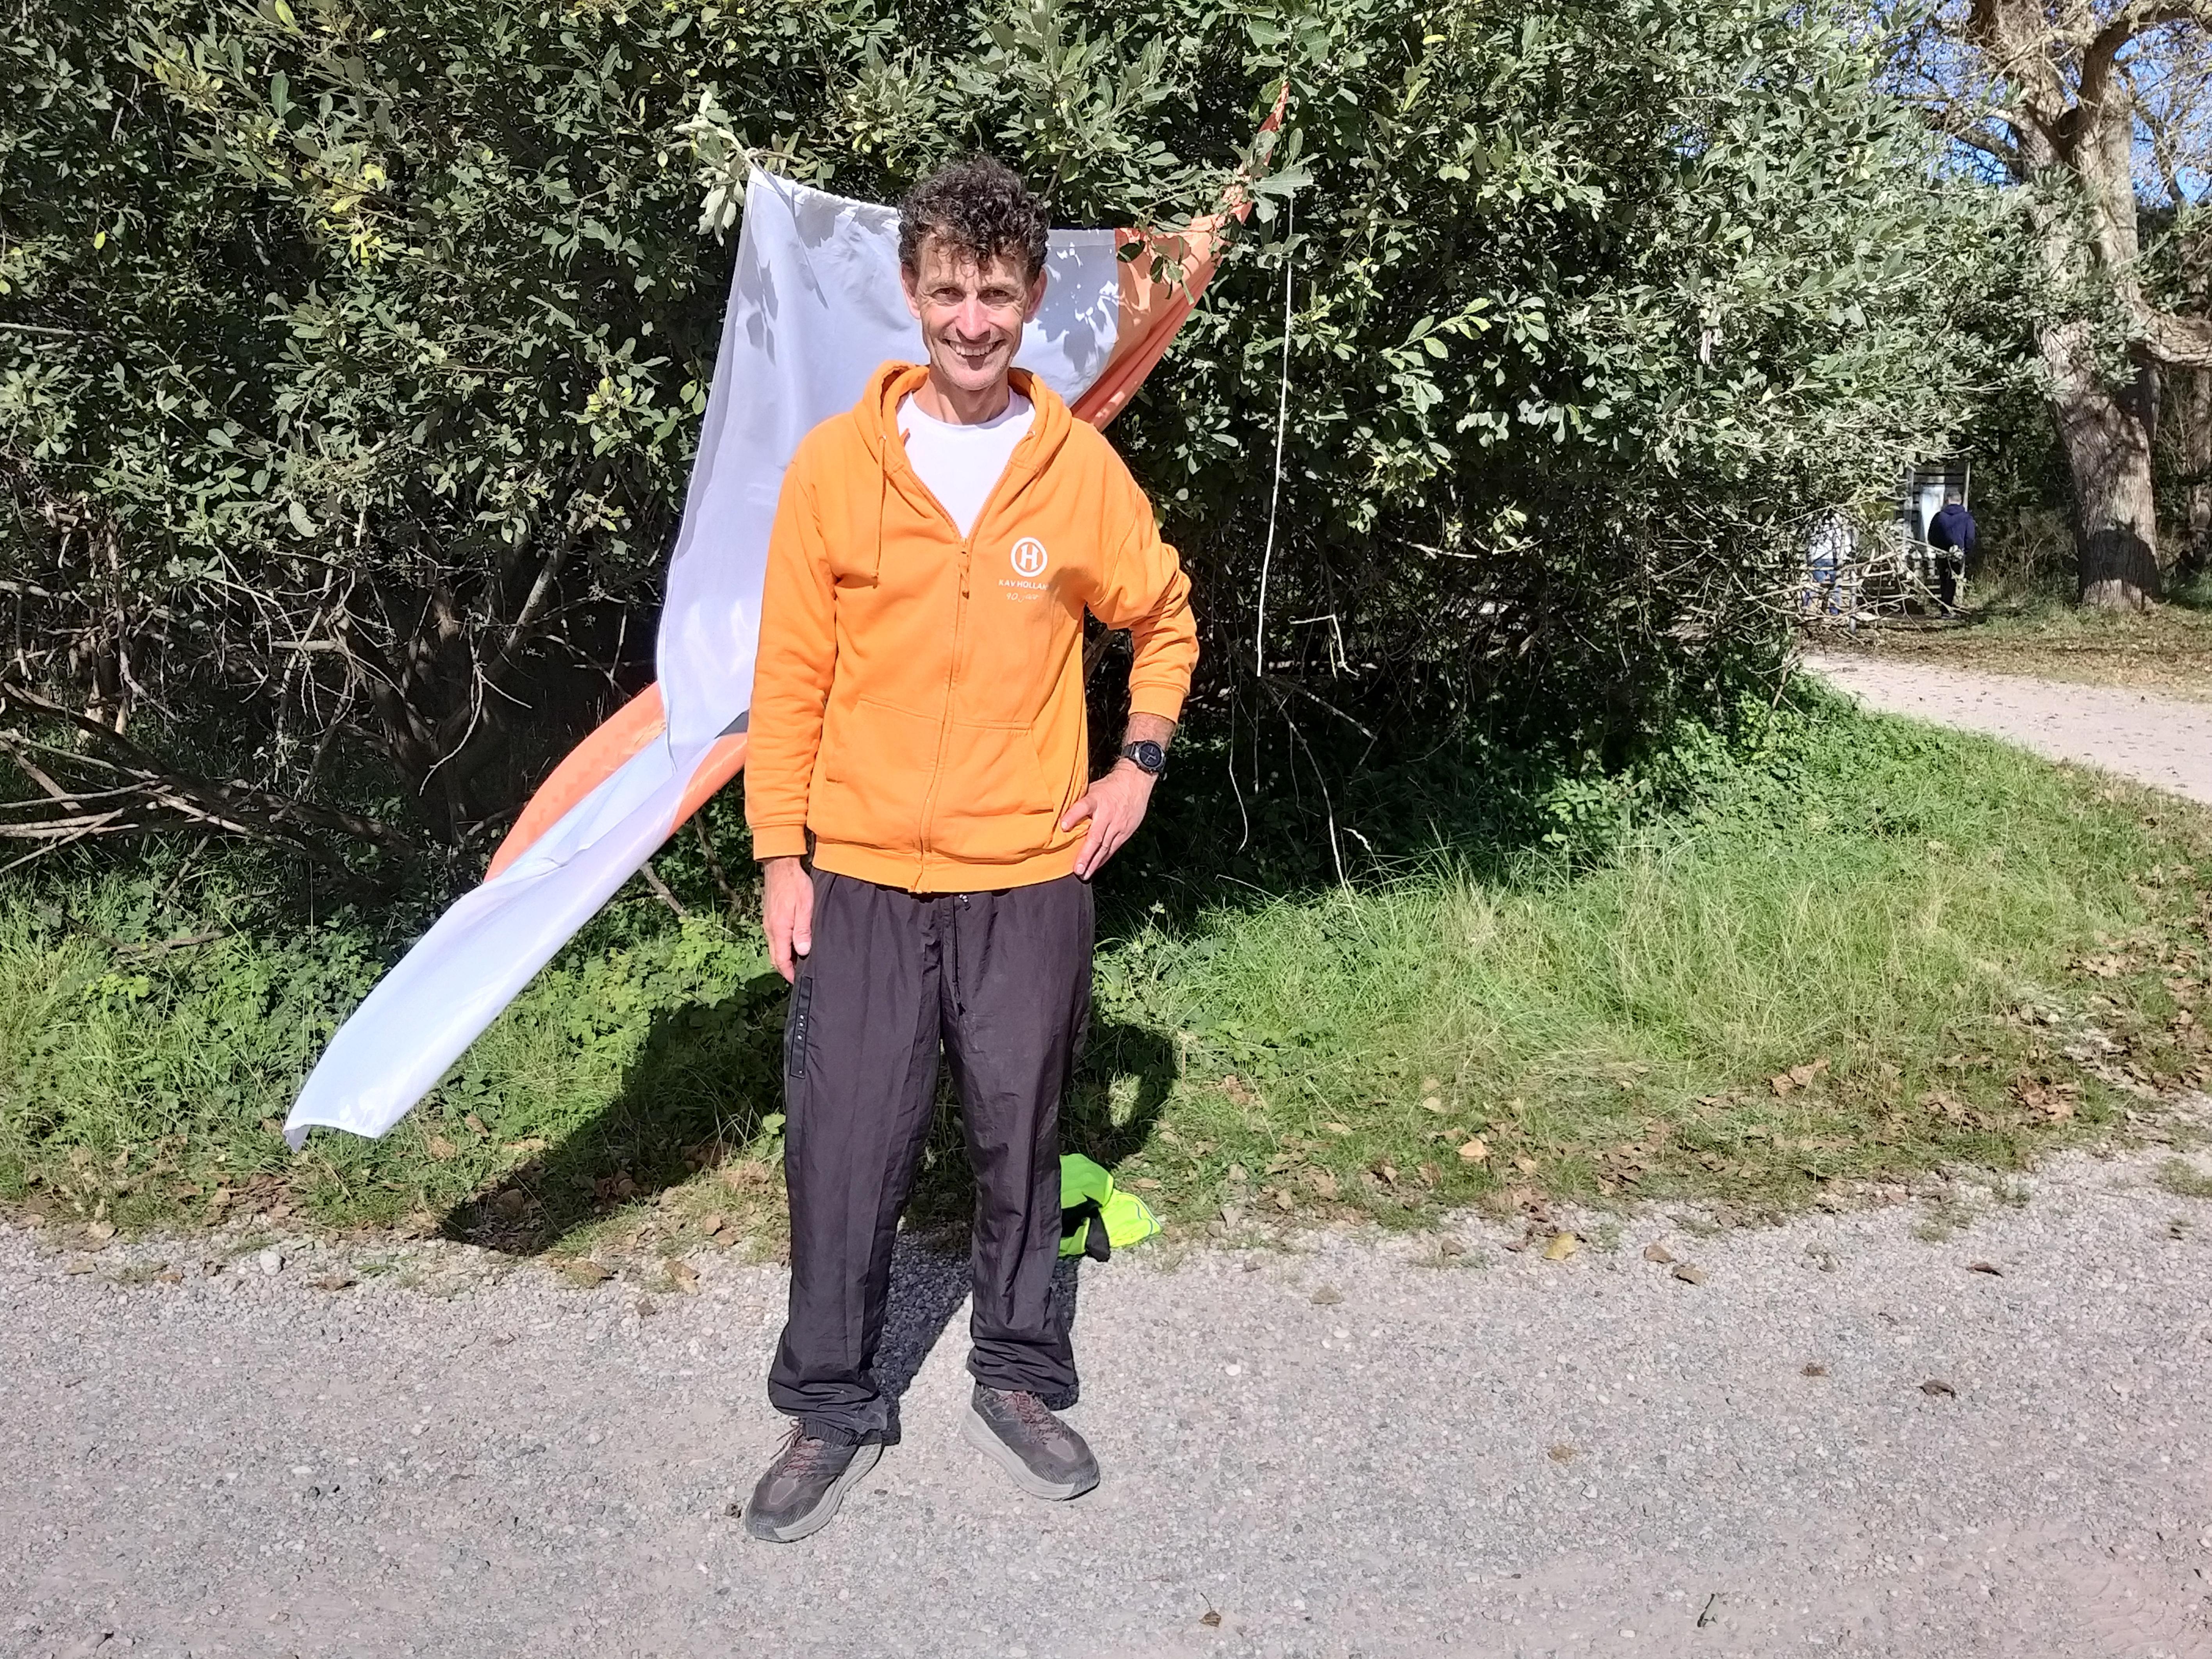 René van Leeuwen zet voor KAV Holland duintrails vol uitdagingen uit: 'Wie weet, kom je nog wel een roedel damherten tegen'